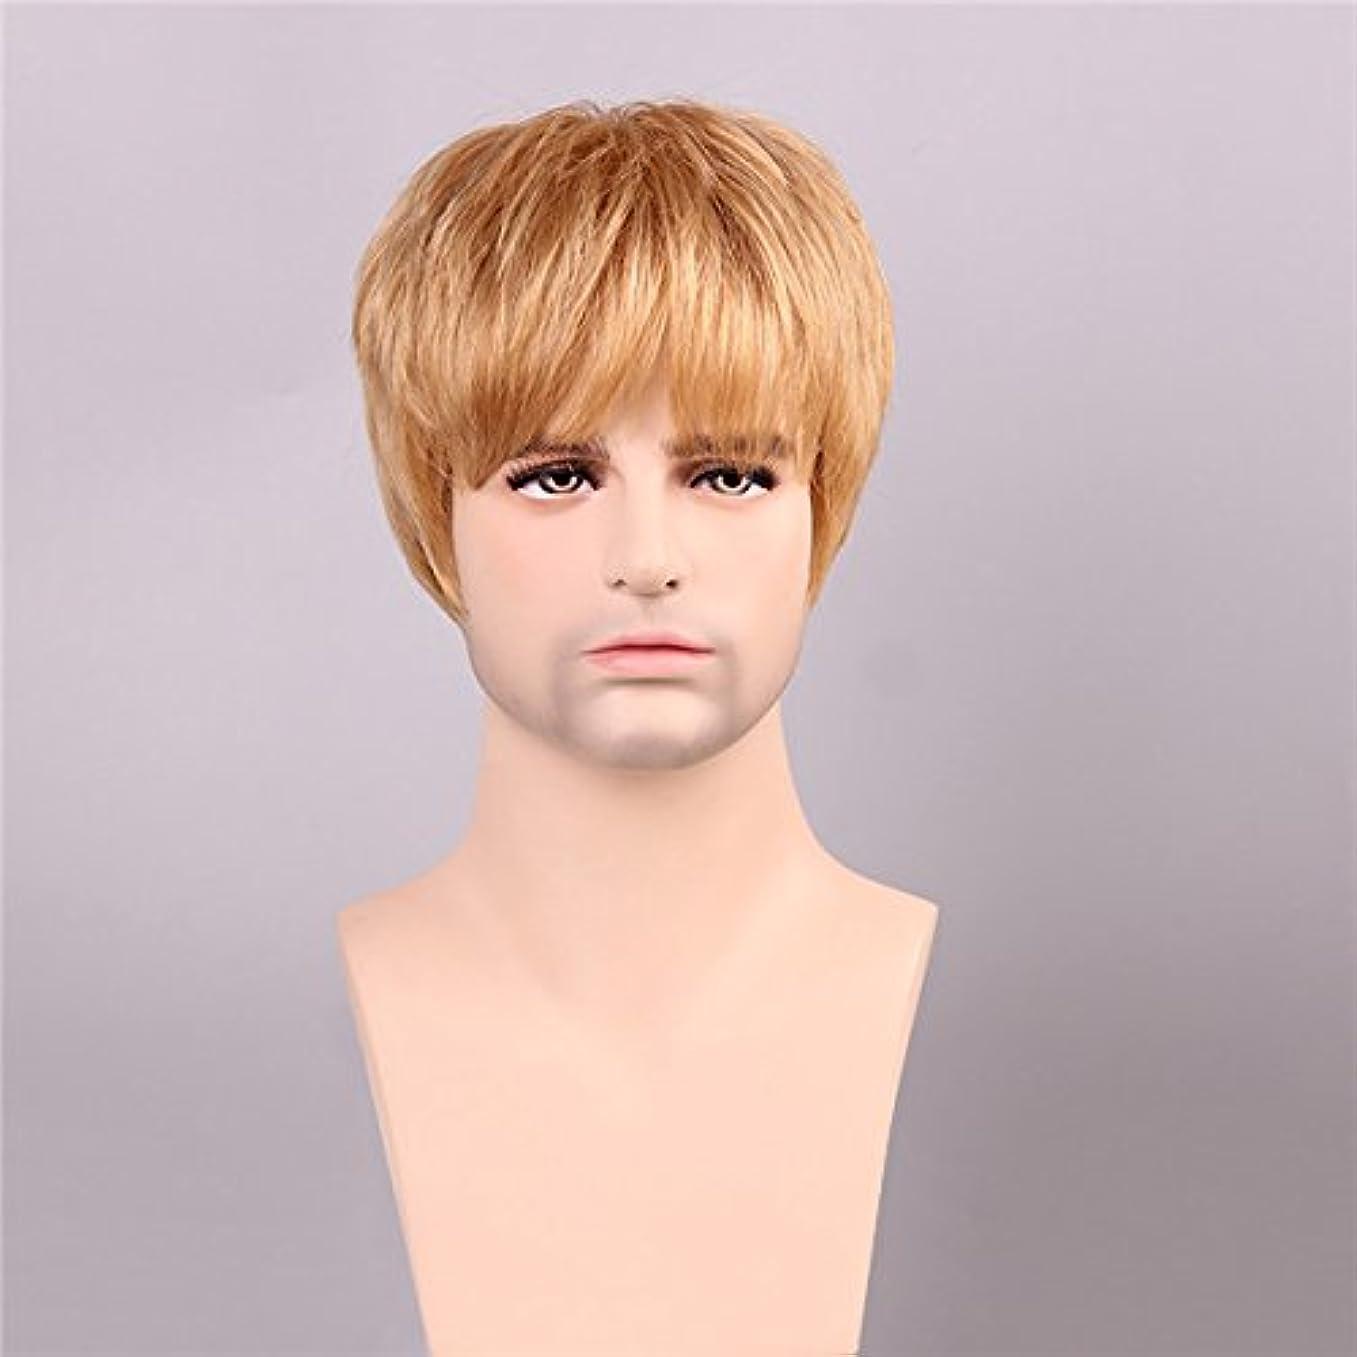 評価可能ガロンプロジェクターYZUEYT 男性の人間の髪のウィッグゴールデンブラウンブロンドショートモノラルトップ男性男性レミーCapless YZUEYT (Size : One size)